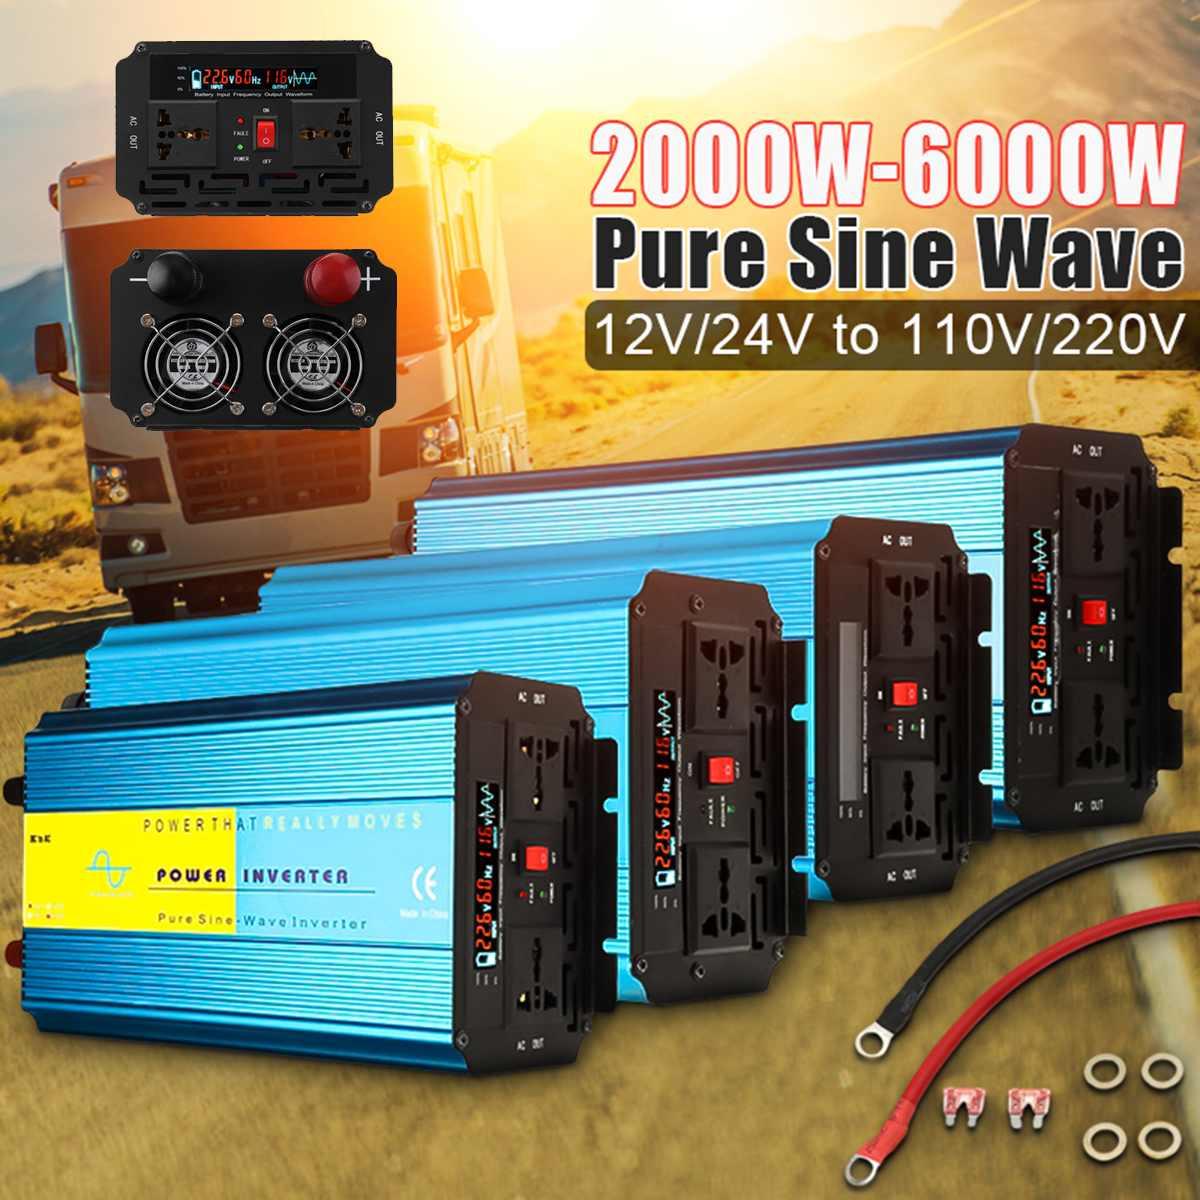 Чистая Синусоидальная волна инвертор 12В 220 V 6000 W 5000 W 4000 W 3000 W 2000 Вт пиковый Напряжение трансформатор преобразователь 12 V 110 V 60 инвертор для сол